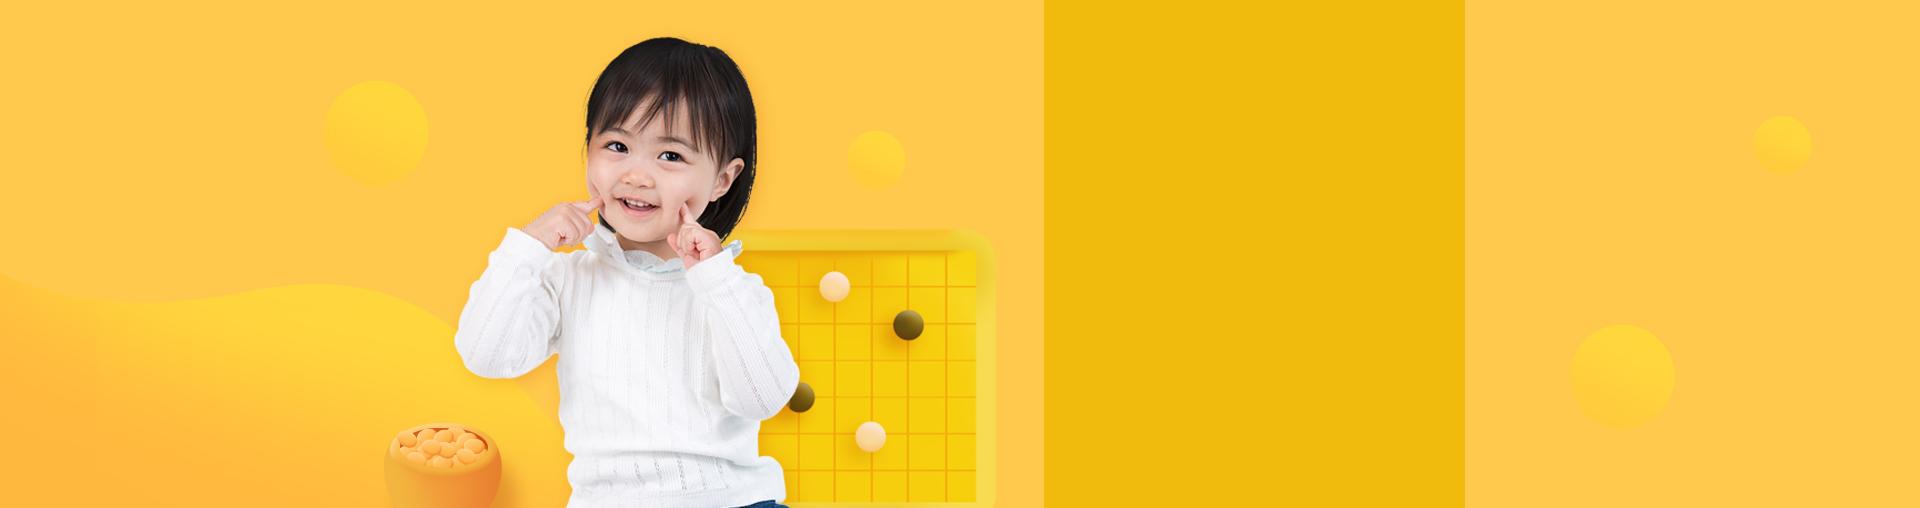 【4-8岁】在线少儿围棋启蒙训练营(限量赠99元围棋盒子)